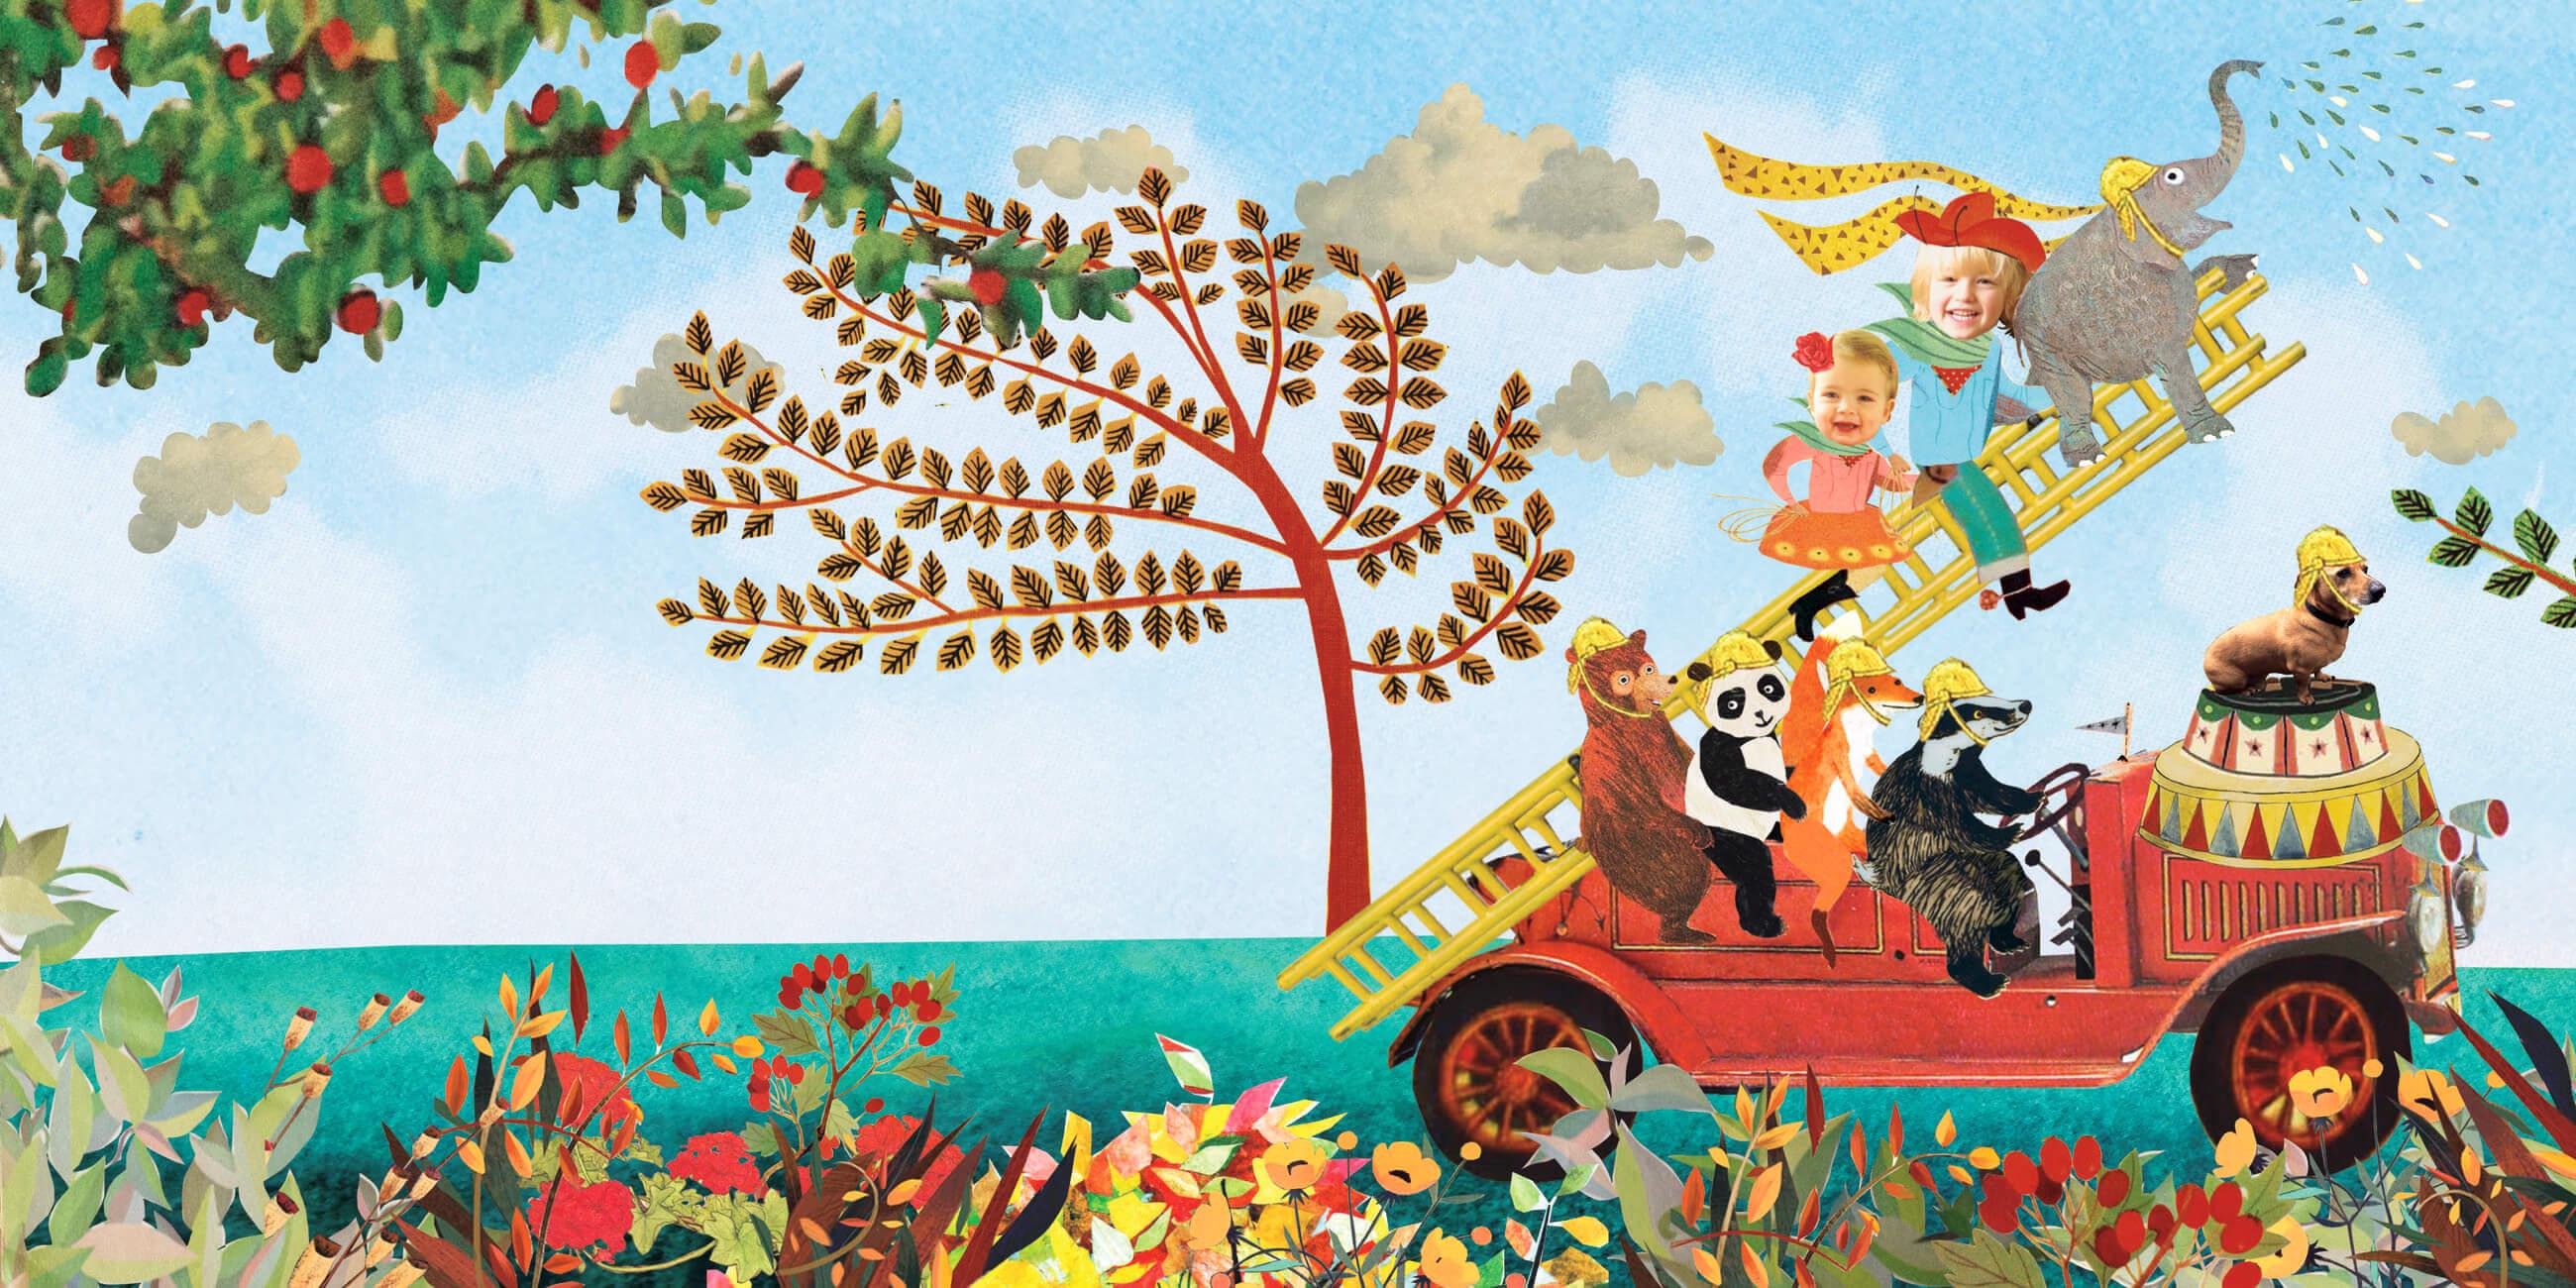 Geboortekaartje aankondiging announcement birth kaartje birthcard card baby babycard Origineel uniek feest vintage retro poesie nostalgie gezellig vrolijk kleurrijk stoer schattig nostalgisch fantasie creatief art kunst illustratie illustration gouden boekje kijkplaat zoekprent zoekplaat zoekboek kinderboek festival reizen gepersonaliseerd Bloemen dieren broer zus kindje meisje jongen genderneutraal gender neutraal cultuur huidskleur zwart donker Turks Chinees halfbloed Marokkaans Surinaams Antilliaans